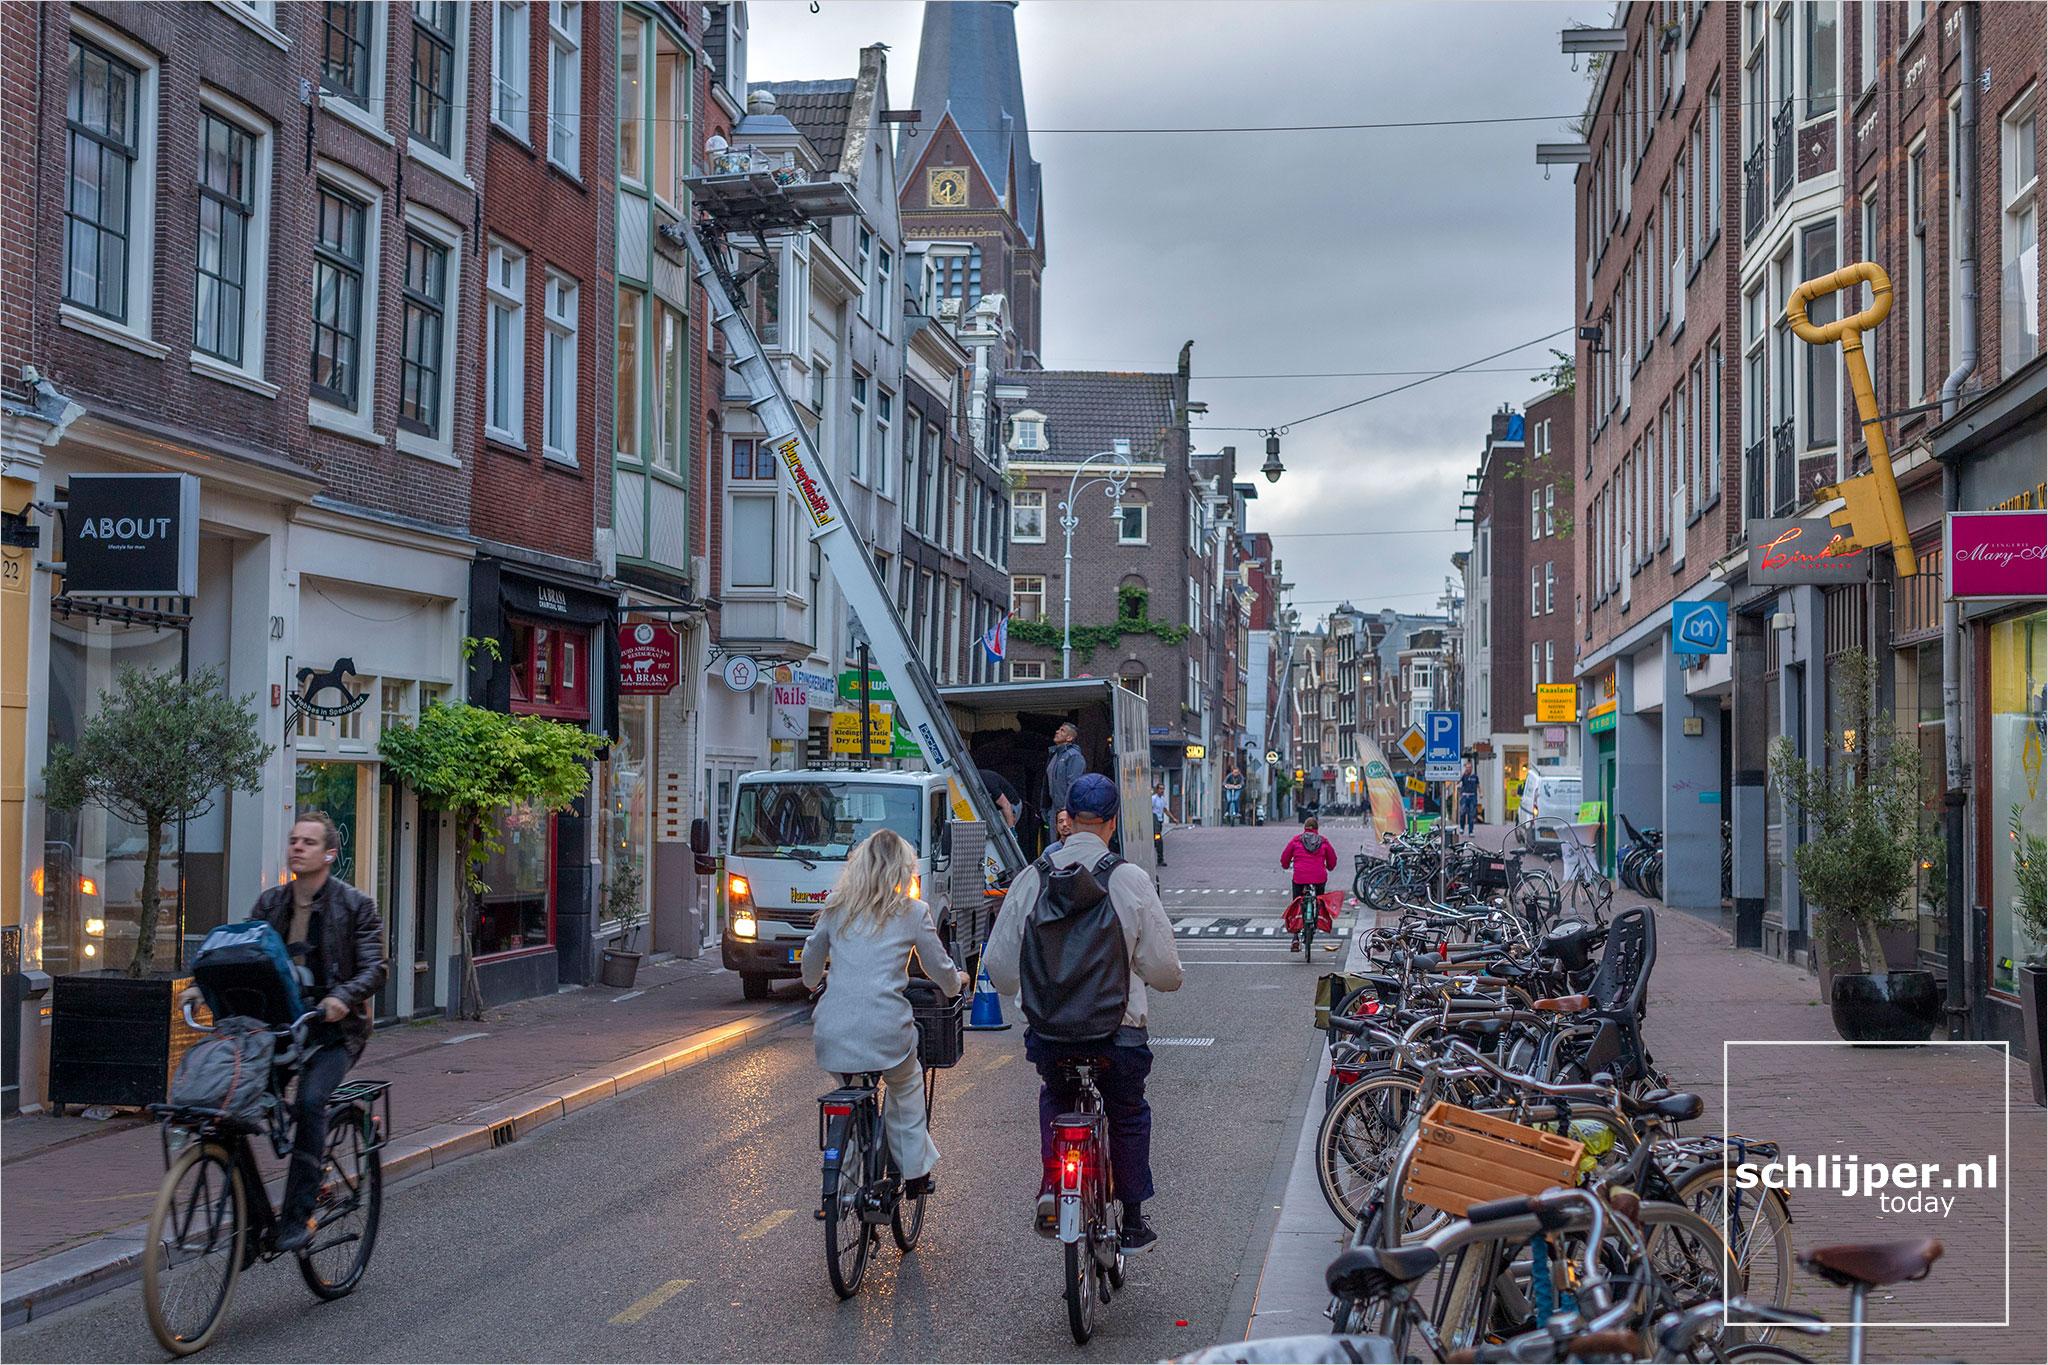 The Netherlands, Amsterdam, 13 september 2021